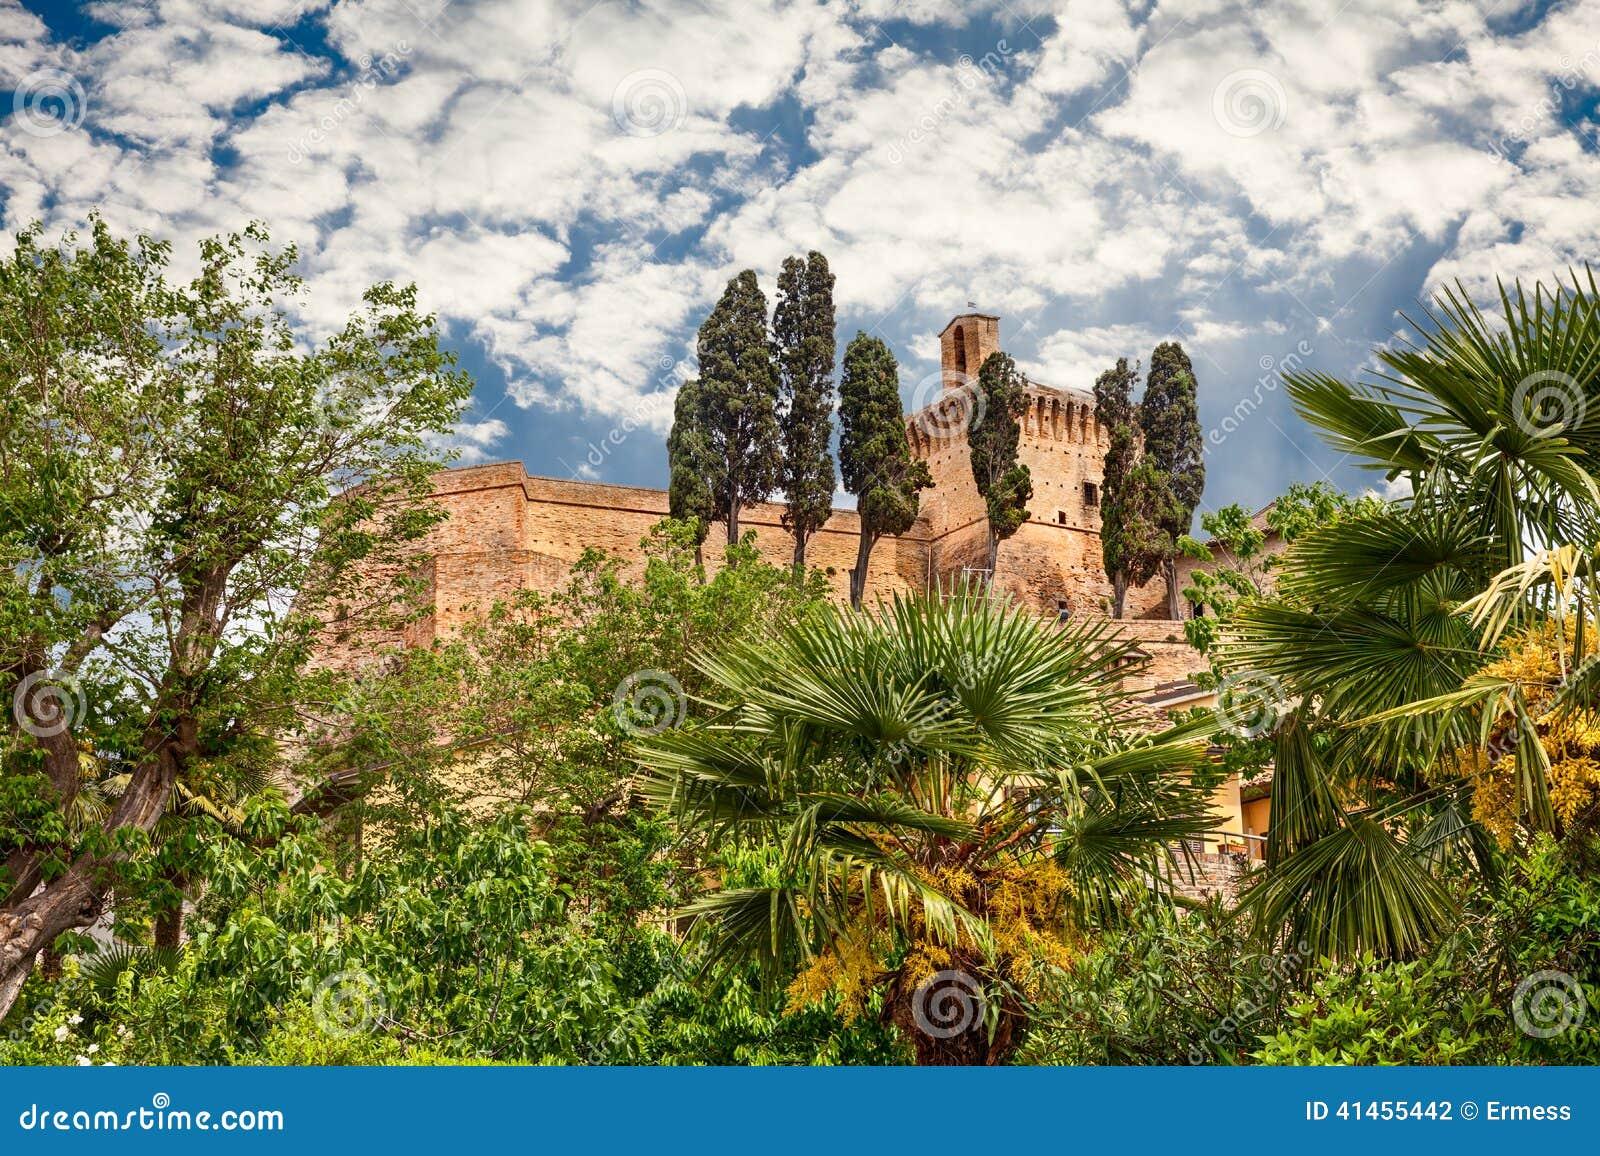 Castello Italiano Antico In Meldola, Emilia Romagna, Italia Fotografia Stock - Immagine: 41455442